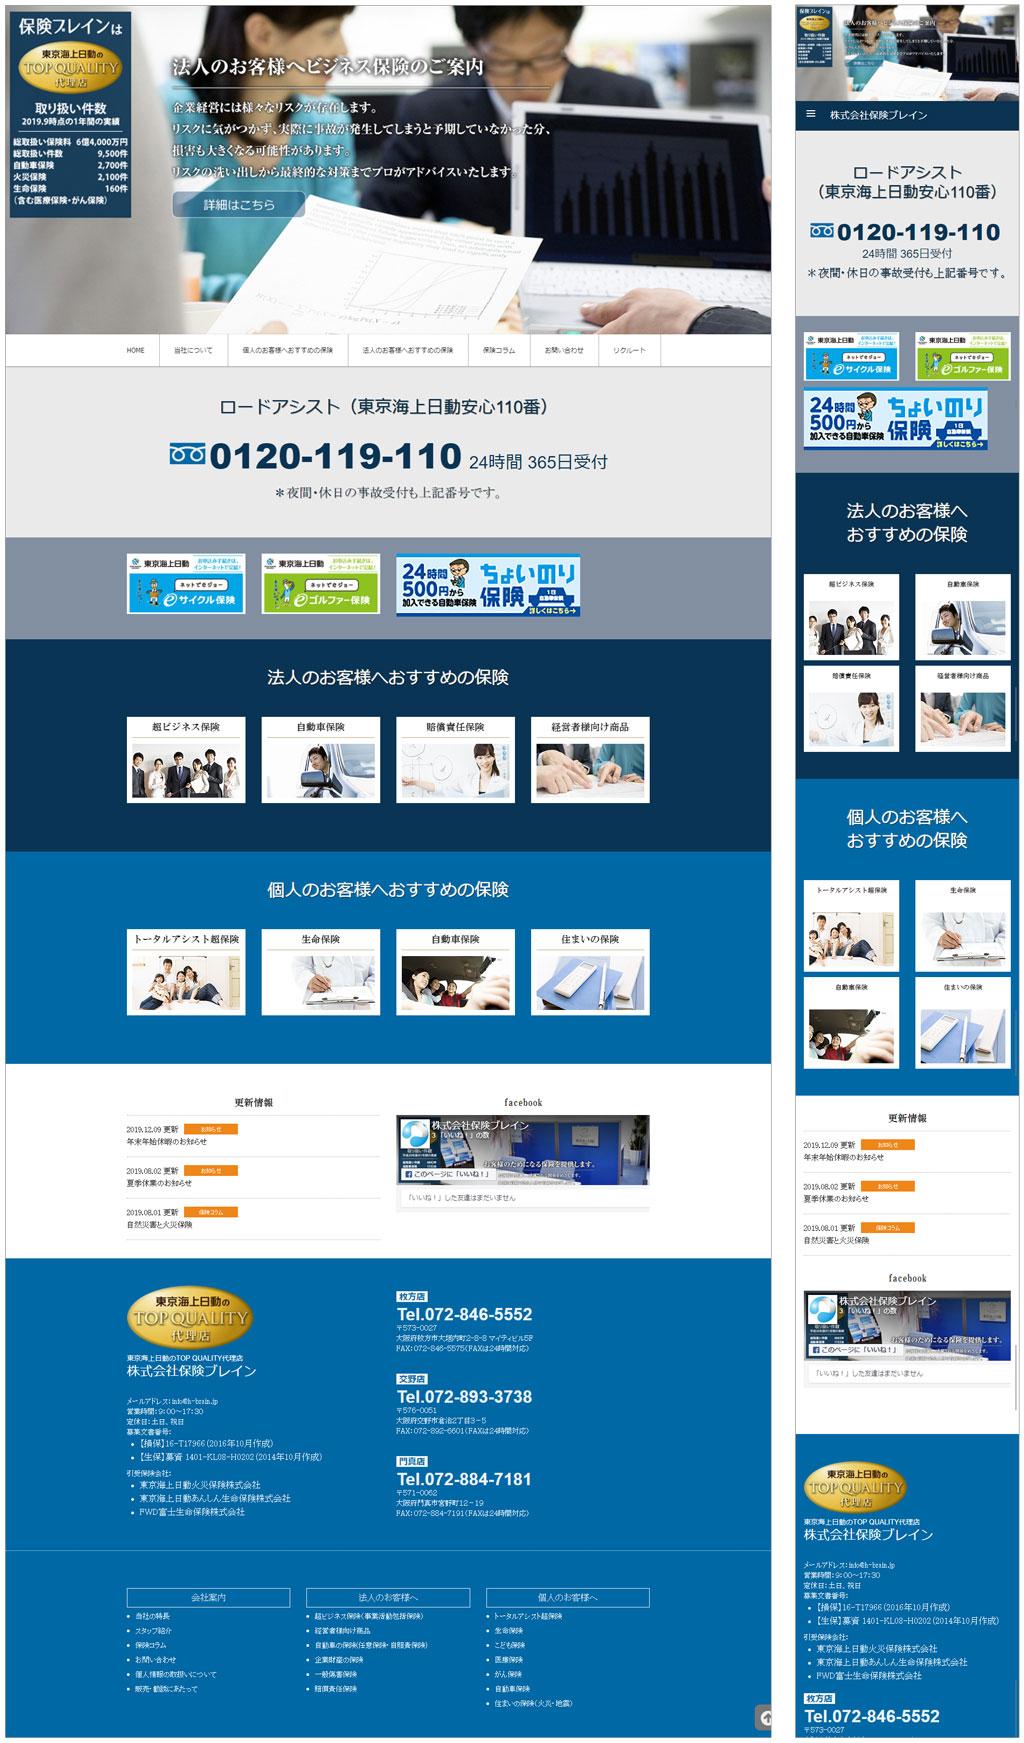 株式会社保険ブレイン様ホームページ画像